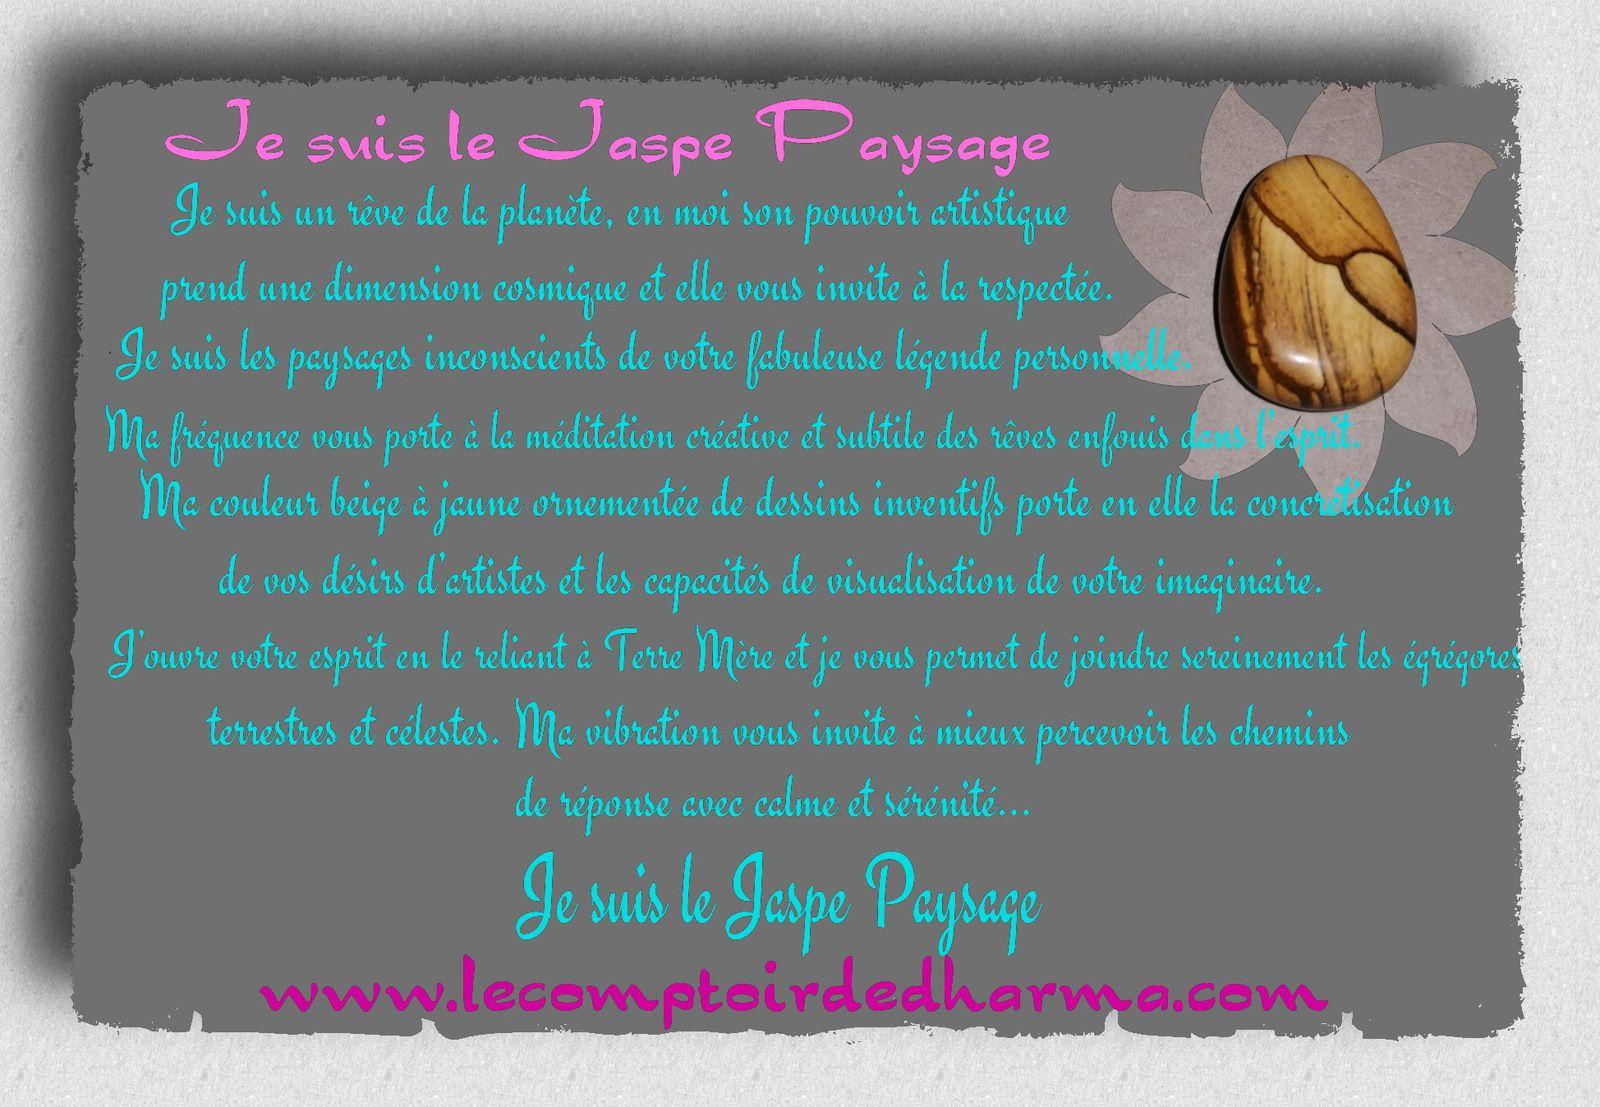 le Jaspe Jaune ou Le jaspe beige  et Le Jaspe Paysage